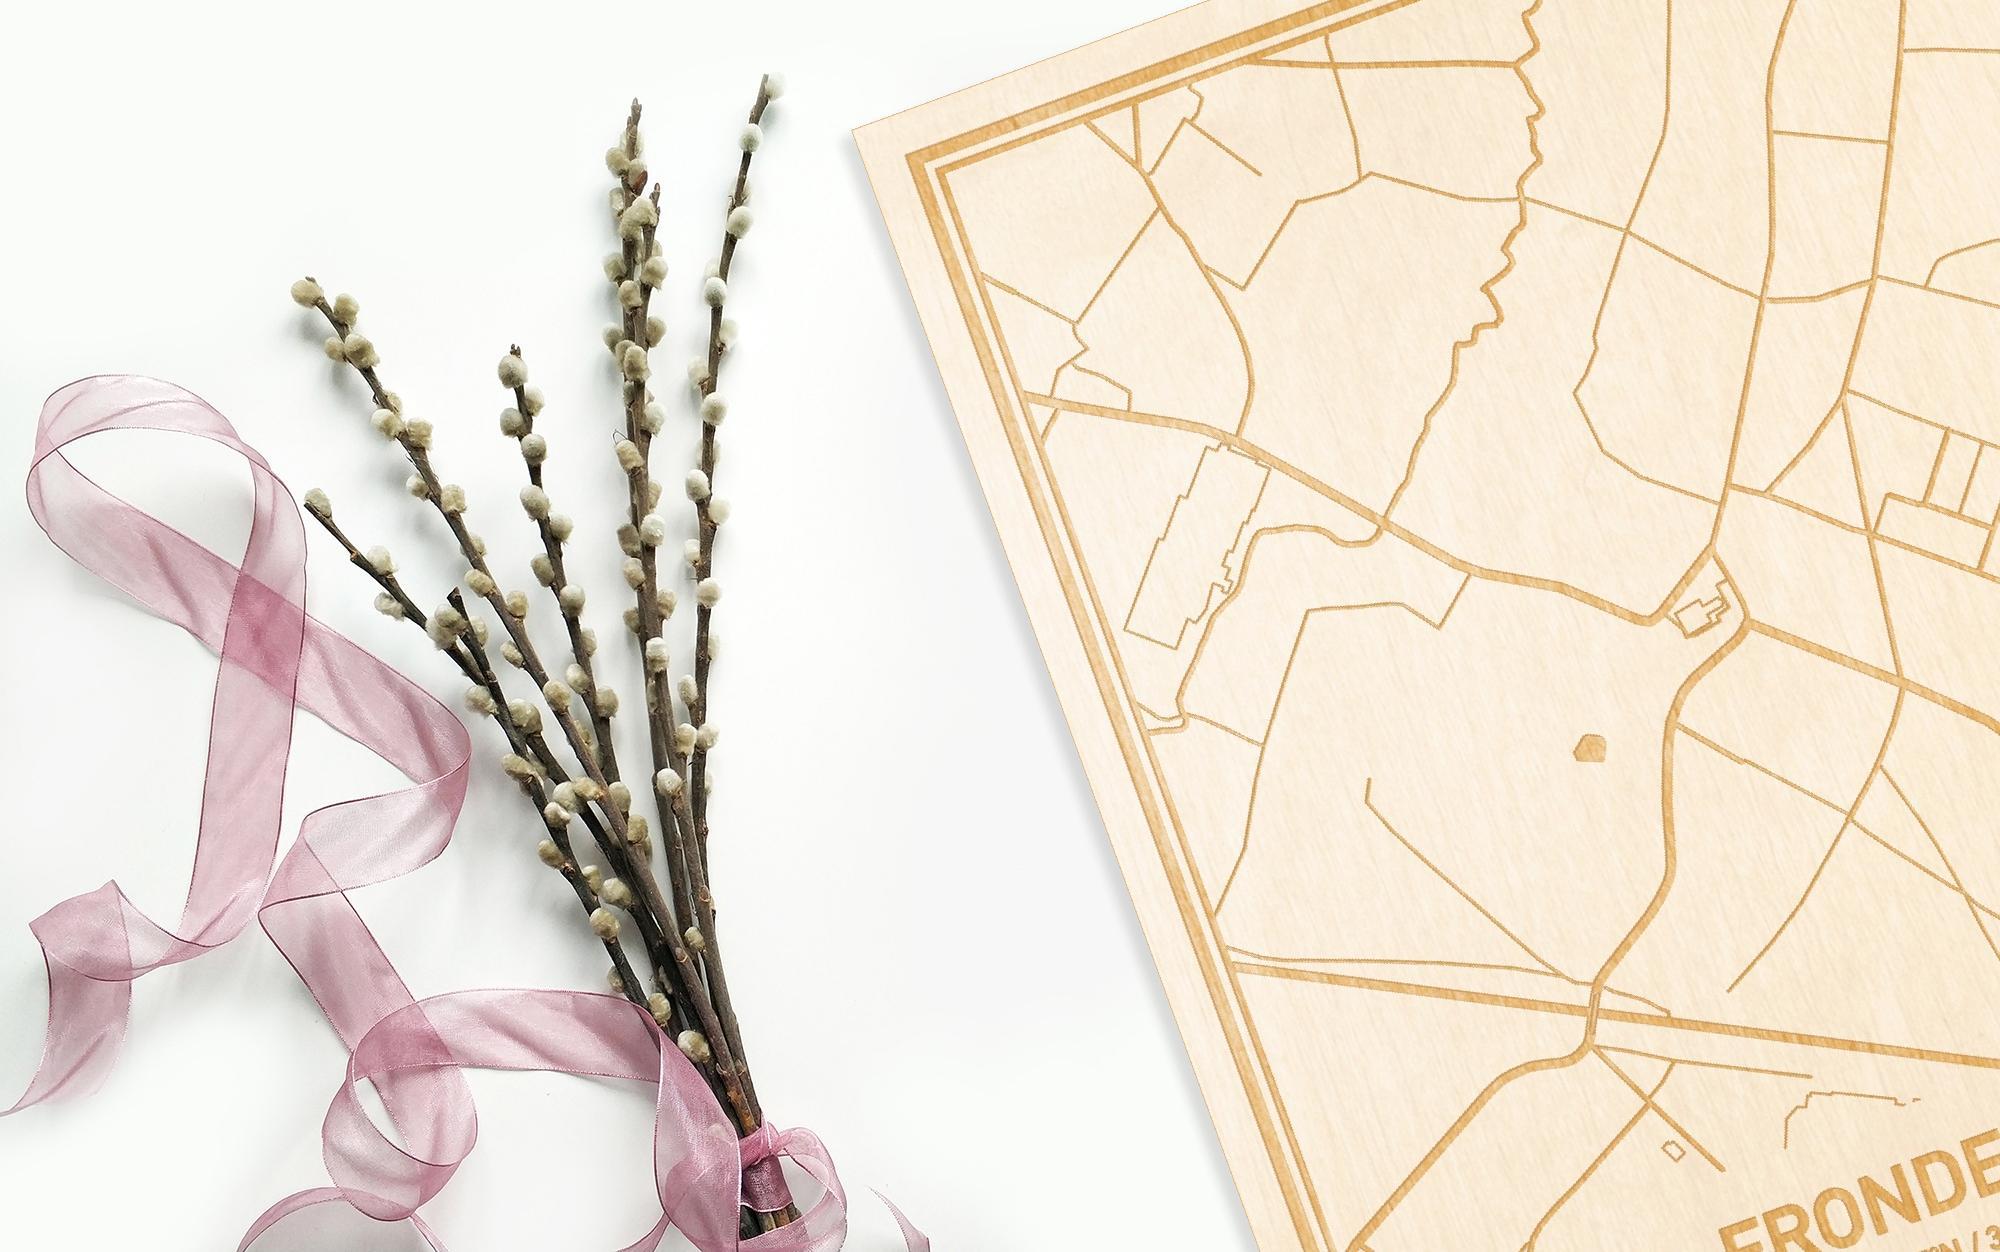 Hier ligt de houten plattegrond Erondegem naast een bloemetje als gepersonaliseerd cadeau voor haar.